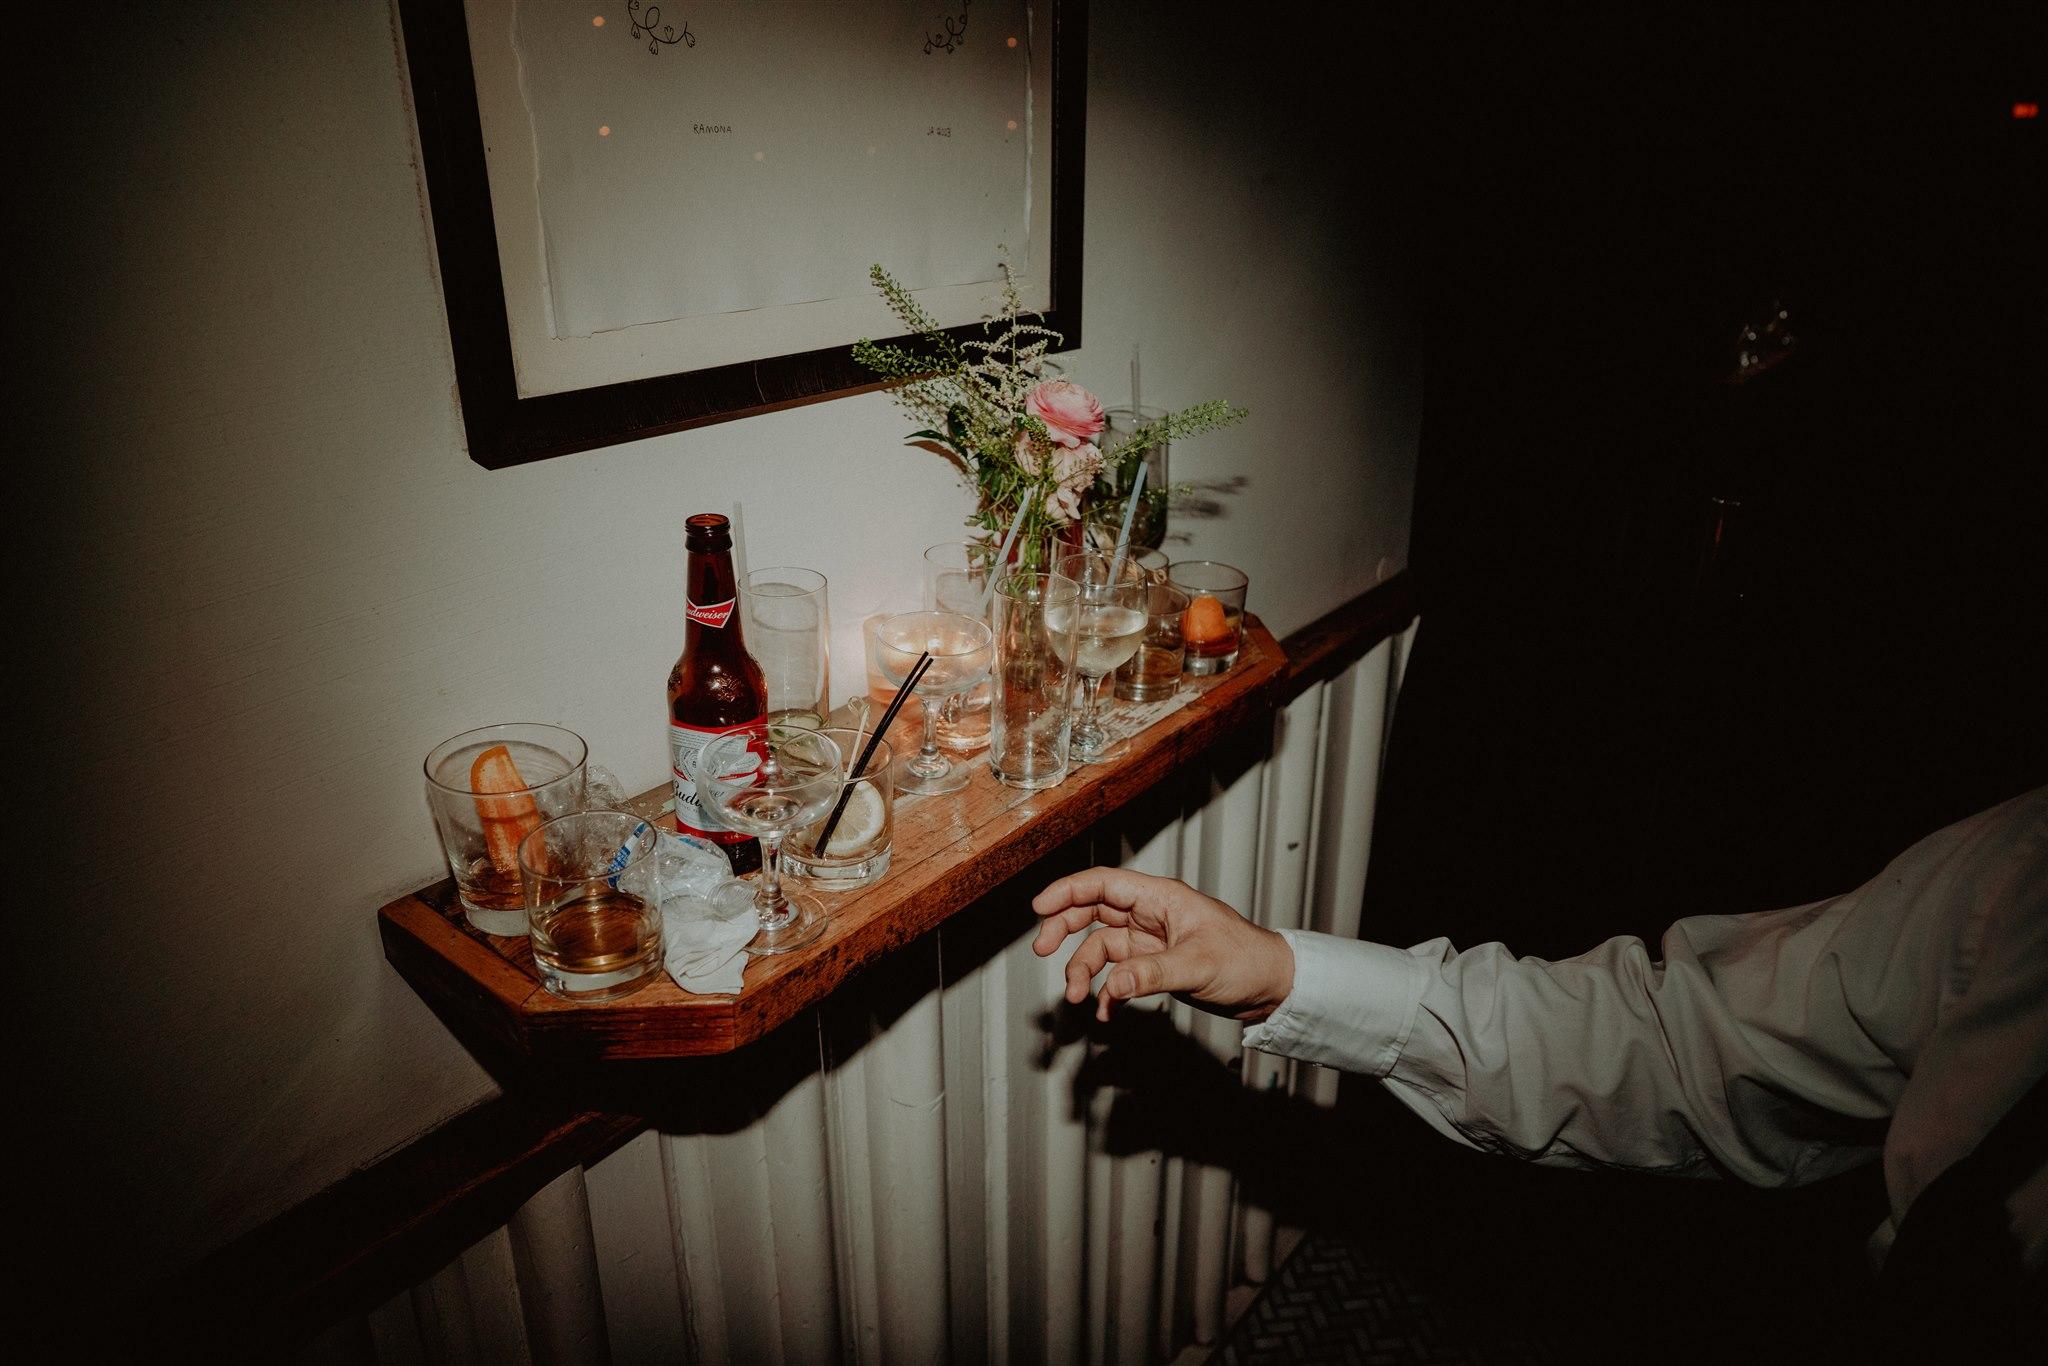 Chellise_Michael_Photography_Ramona_Brooklyn_Wedding_Photographer-706.jpg